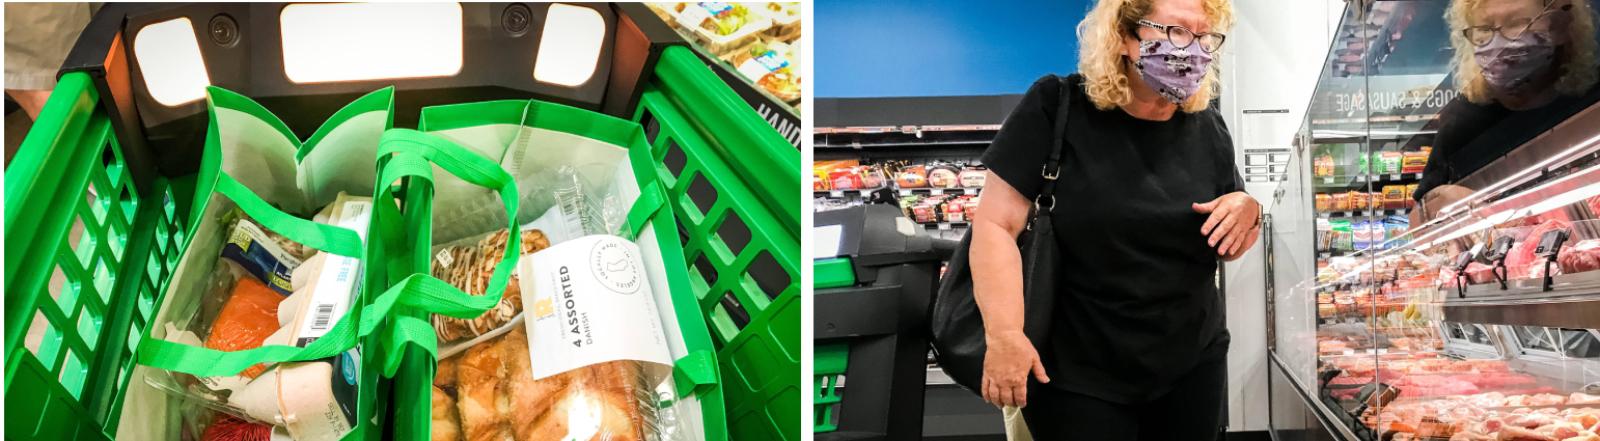 Einkaufen in Kalifornien: Szenen aus dem Amazon-Supermarkt in Woodland Hills